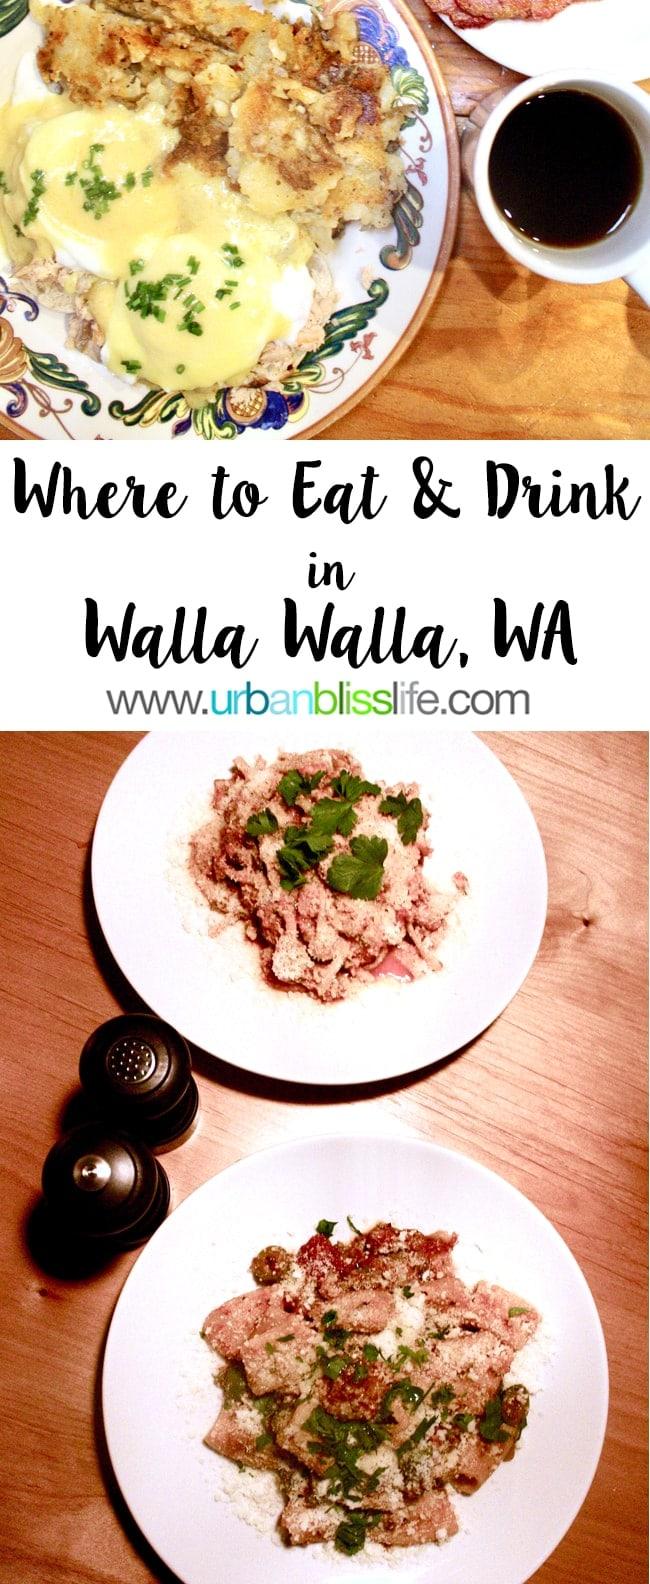 Where-to-Eat-in-Walla-Walla-2017-MAIN